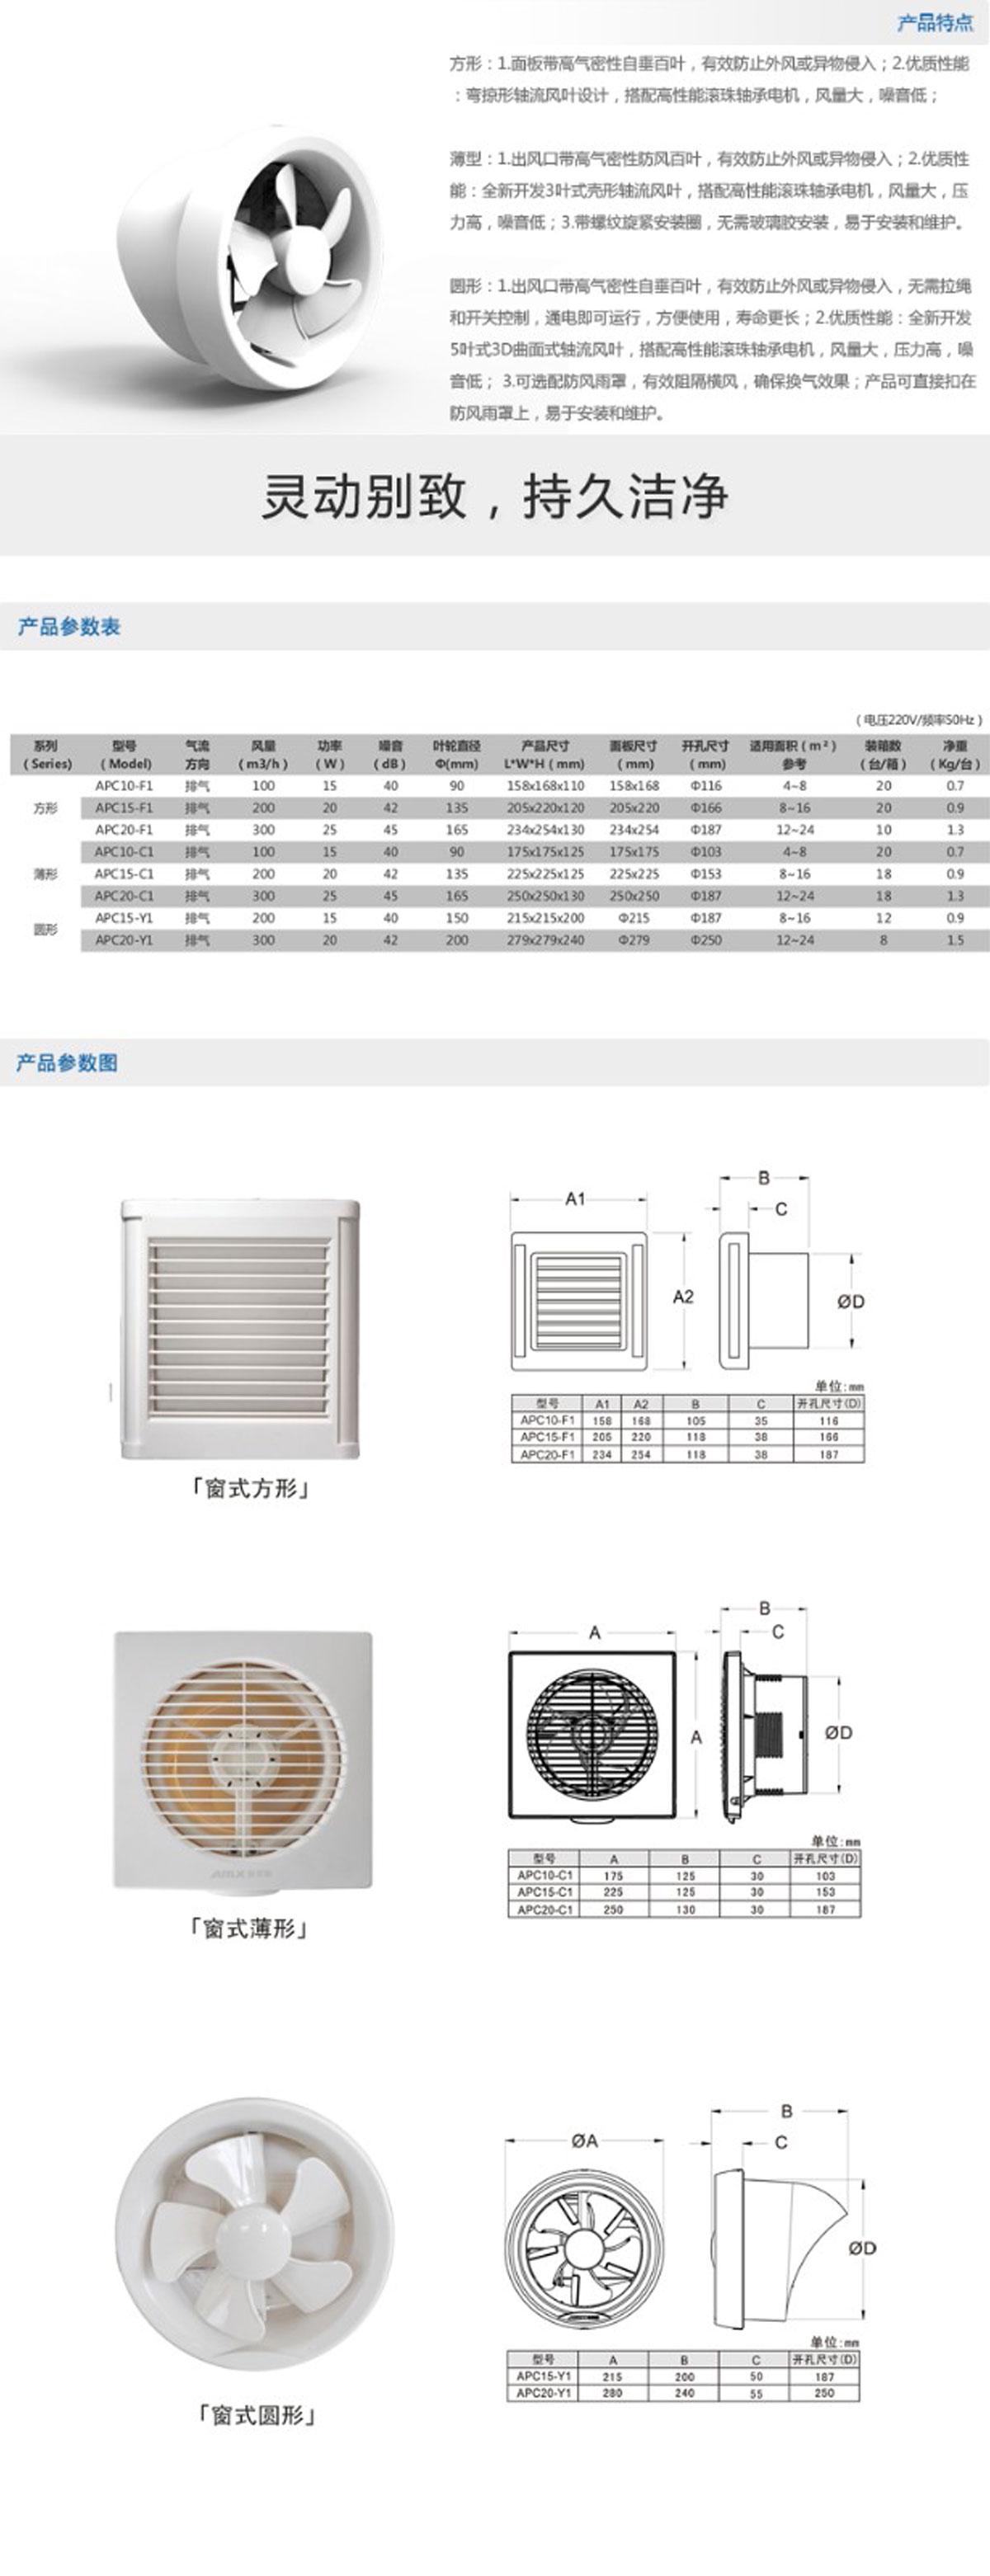 APC系列橱窗式换气扇